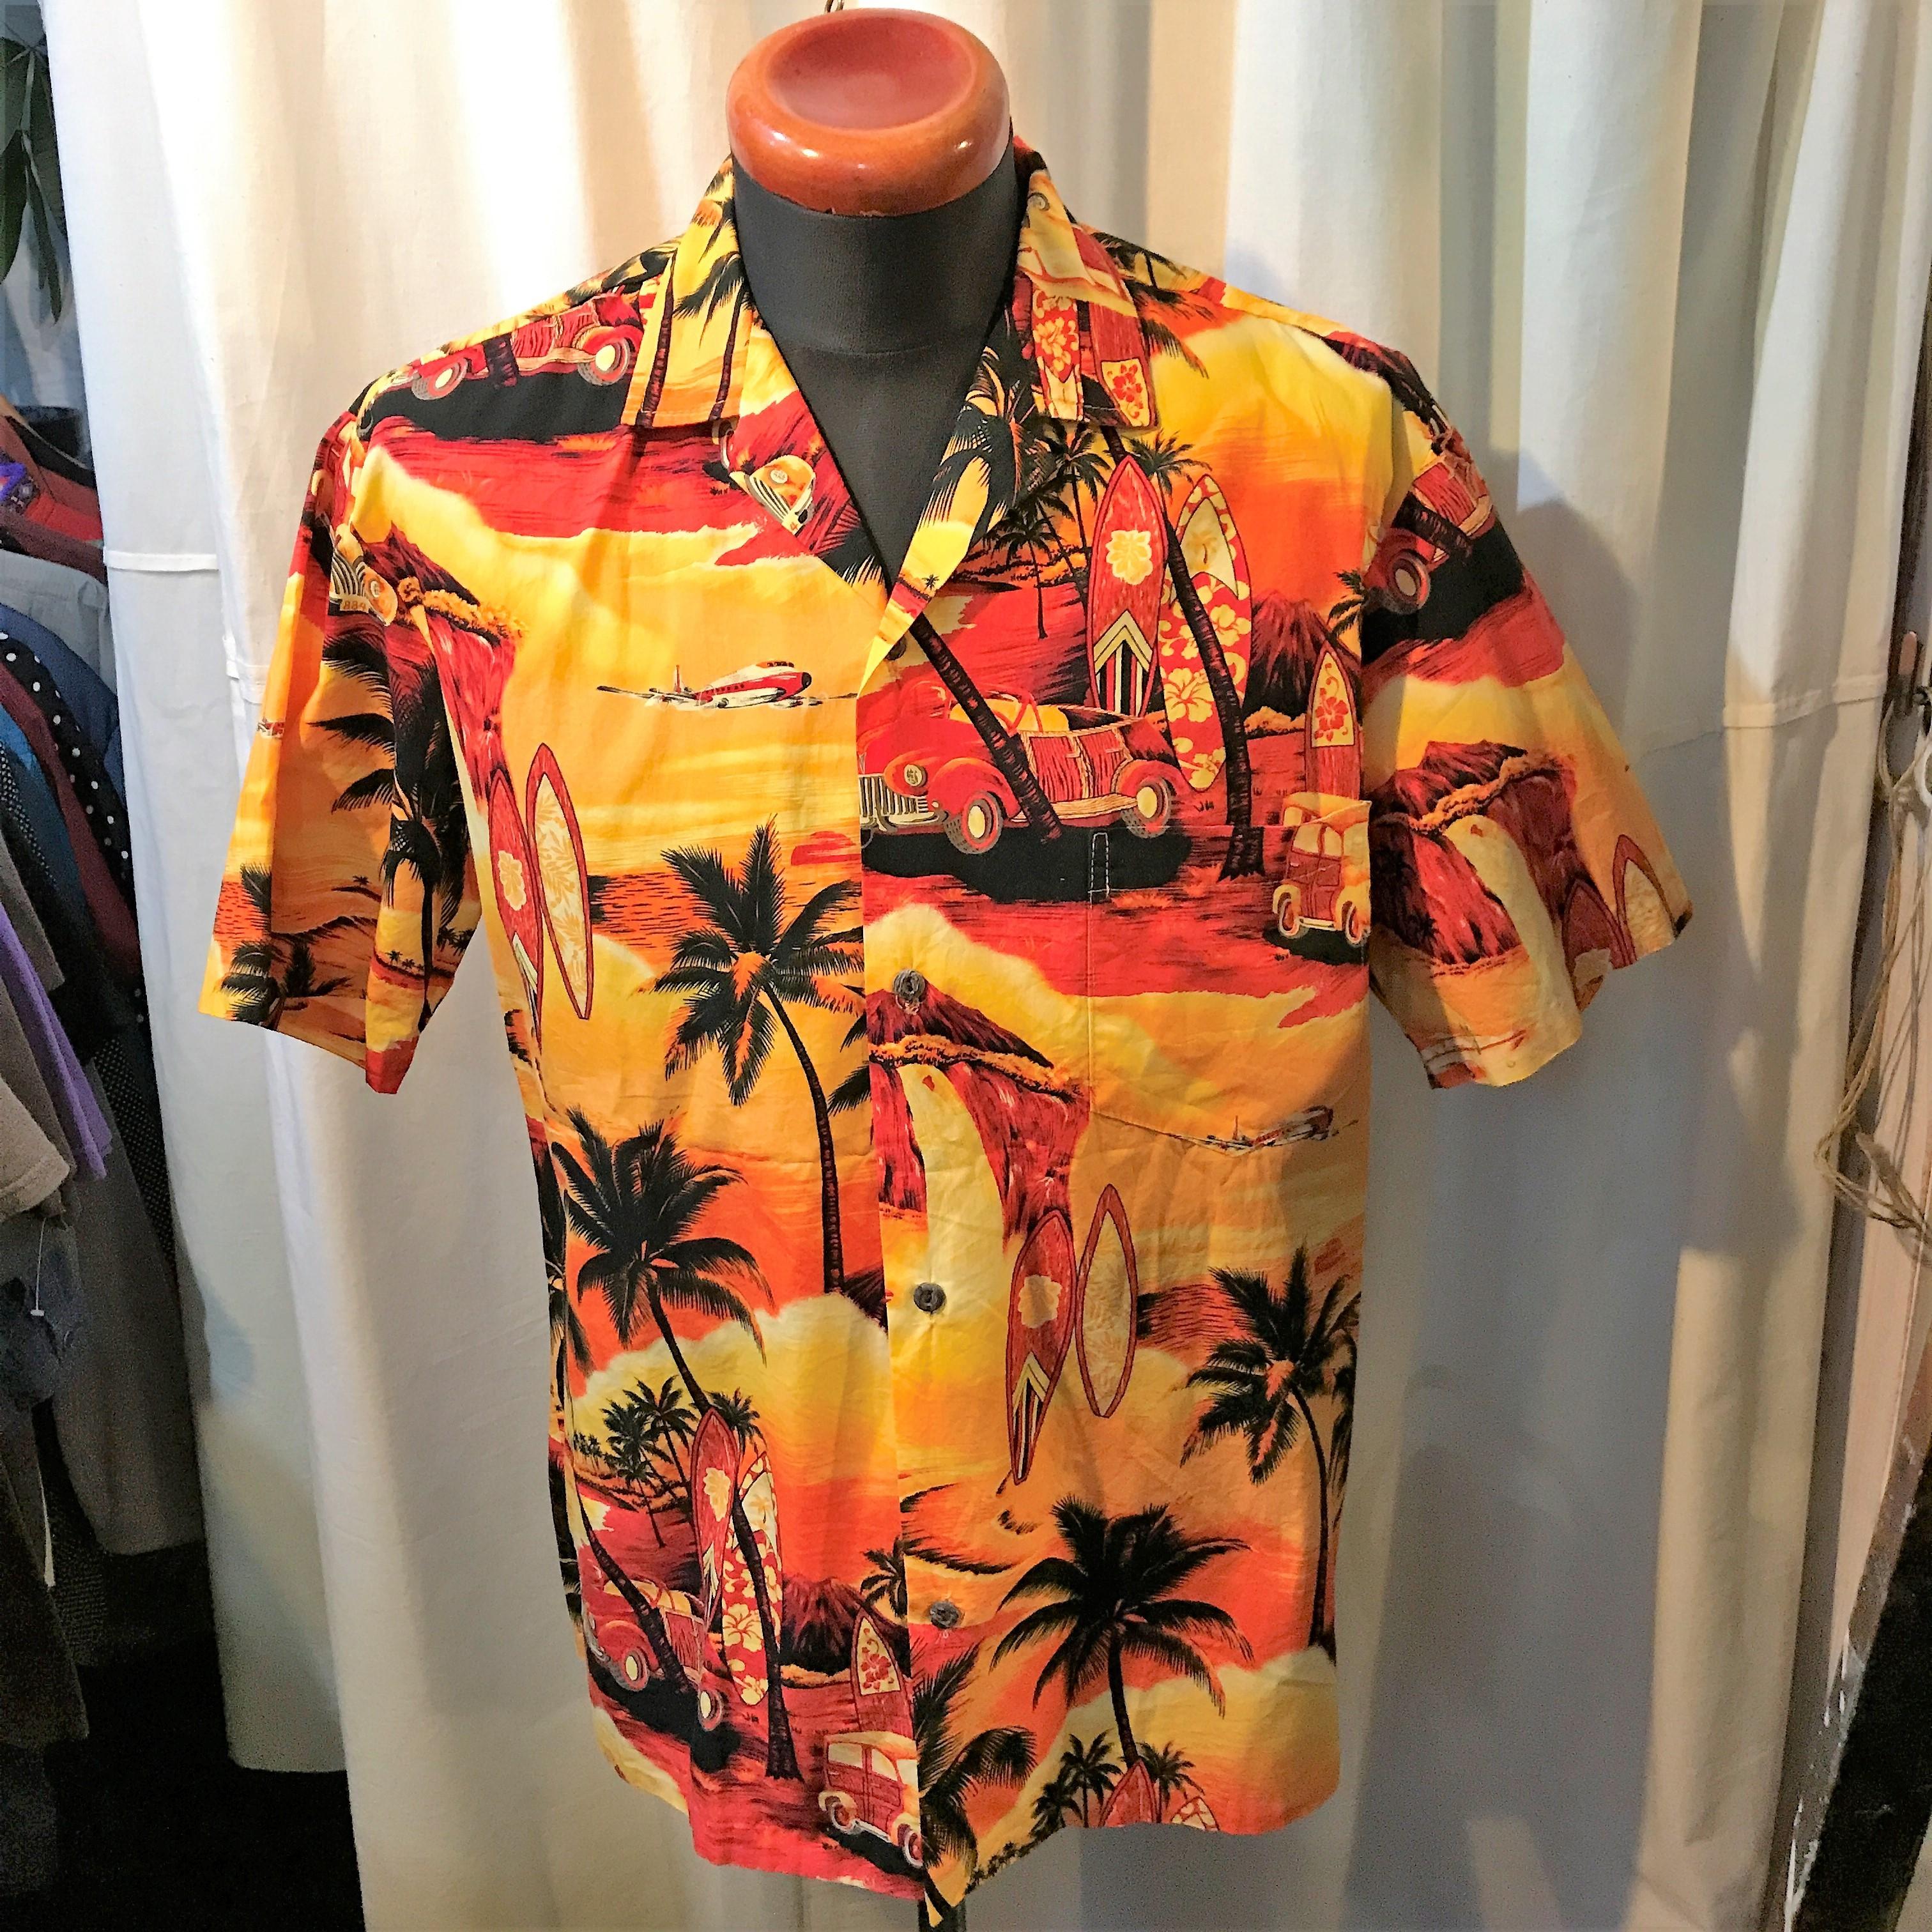 ハワイ製 Royal Creation コットンアロハシャツ ハワイアンシャツ